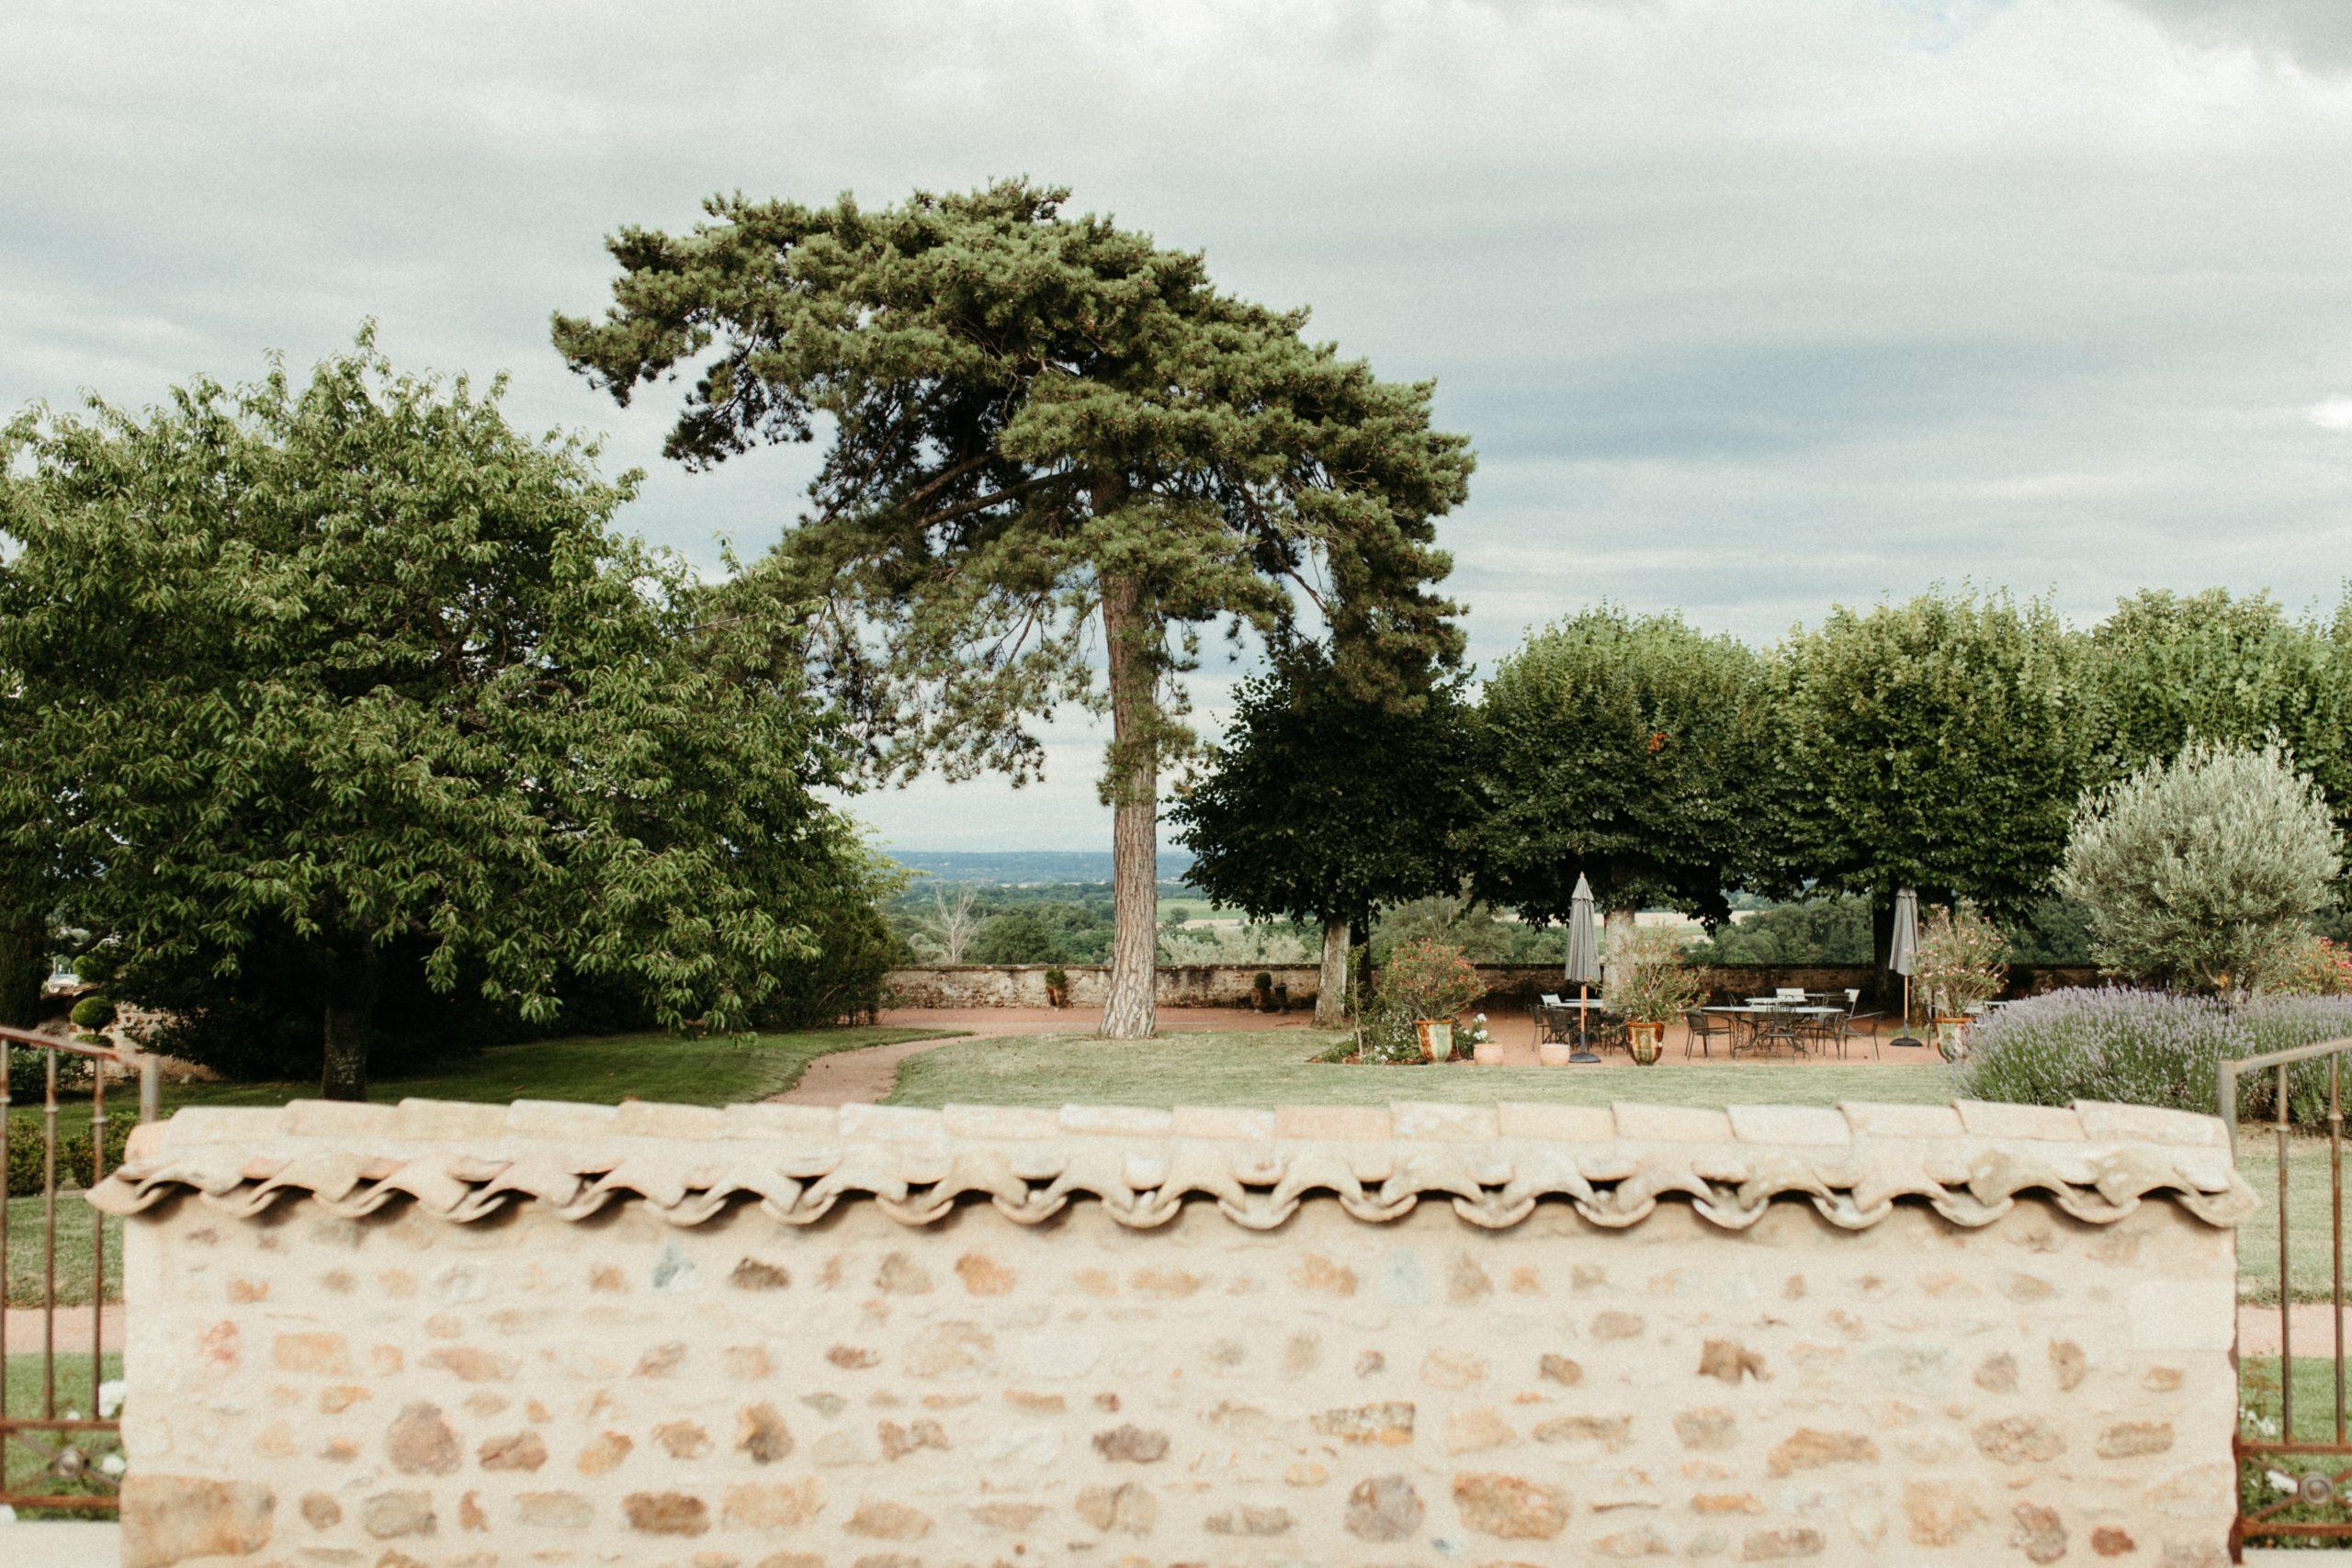 UTOPICLOVERS20200702 – EDITO Jérémie Sésanne Lajarveniere 8675 scaled - Un mariage élégant et végétal dans le Beaujolais